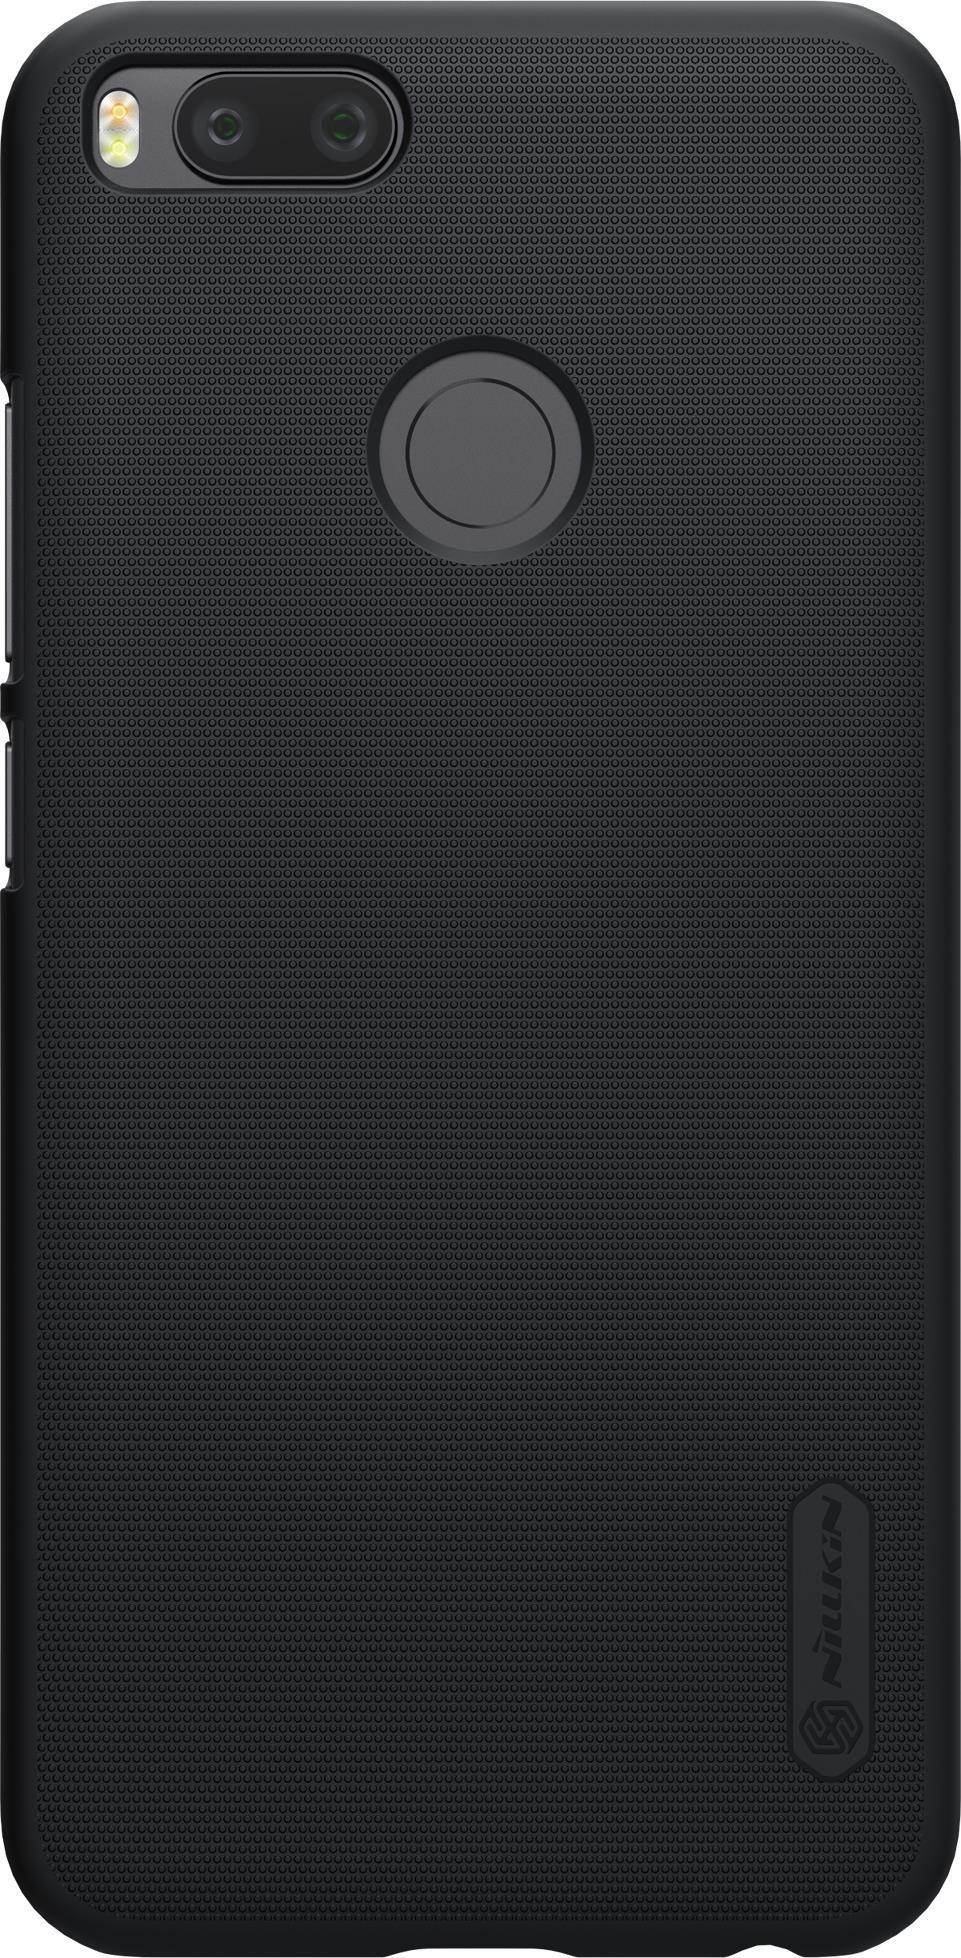 Накладка Nillkin Super Frosted для Xiaomi Mi 5X/A1, 6902048145238, черный защитный чехол nillkin super frosted shield для xiaomi mi 9 gold